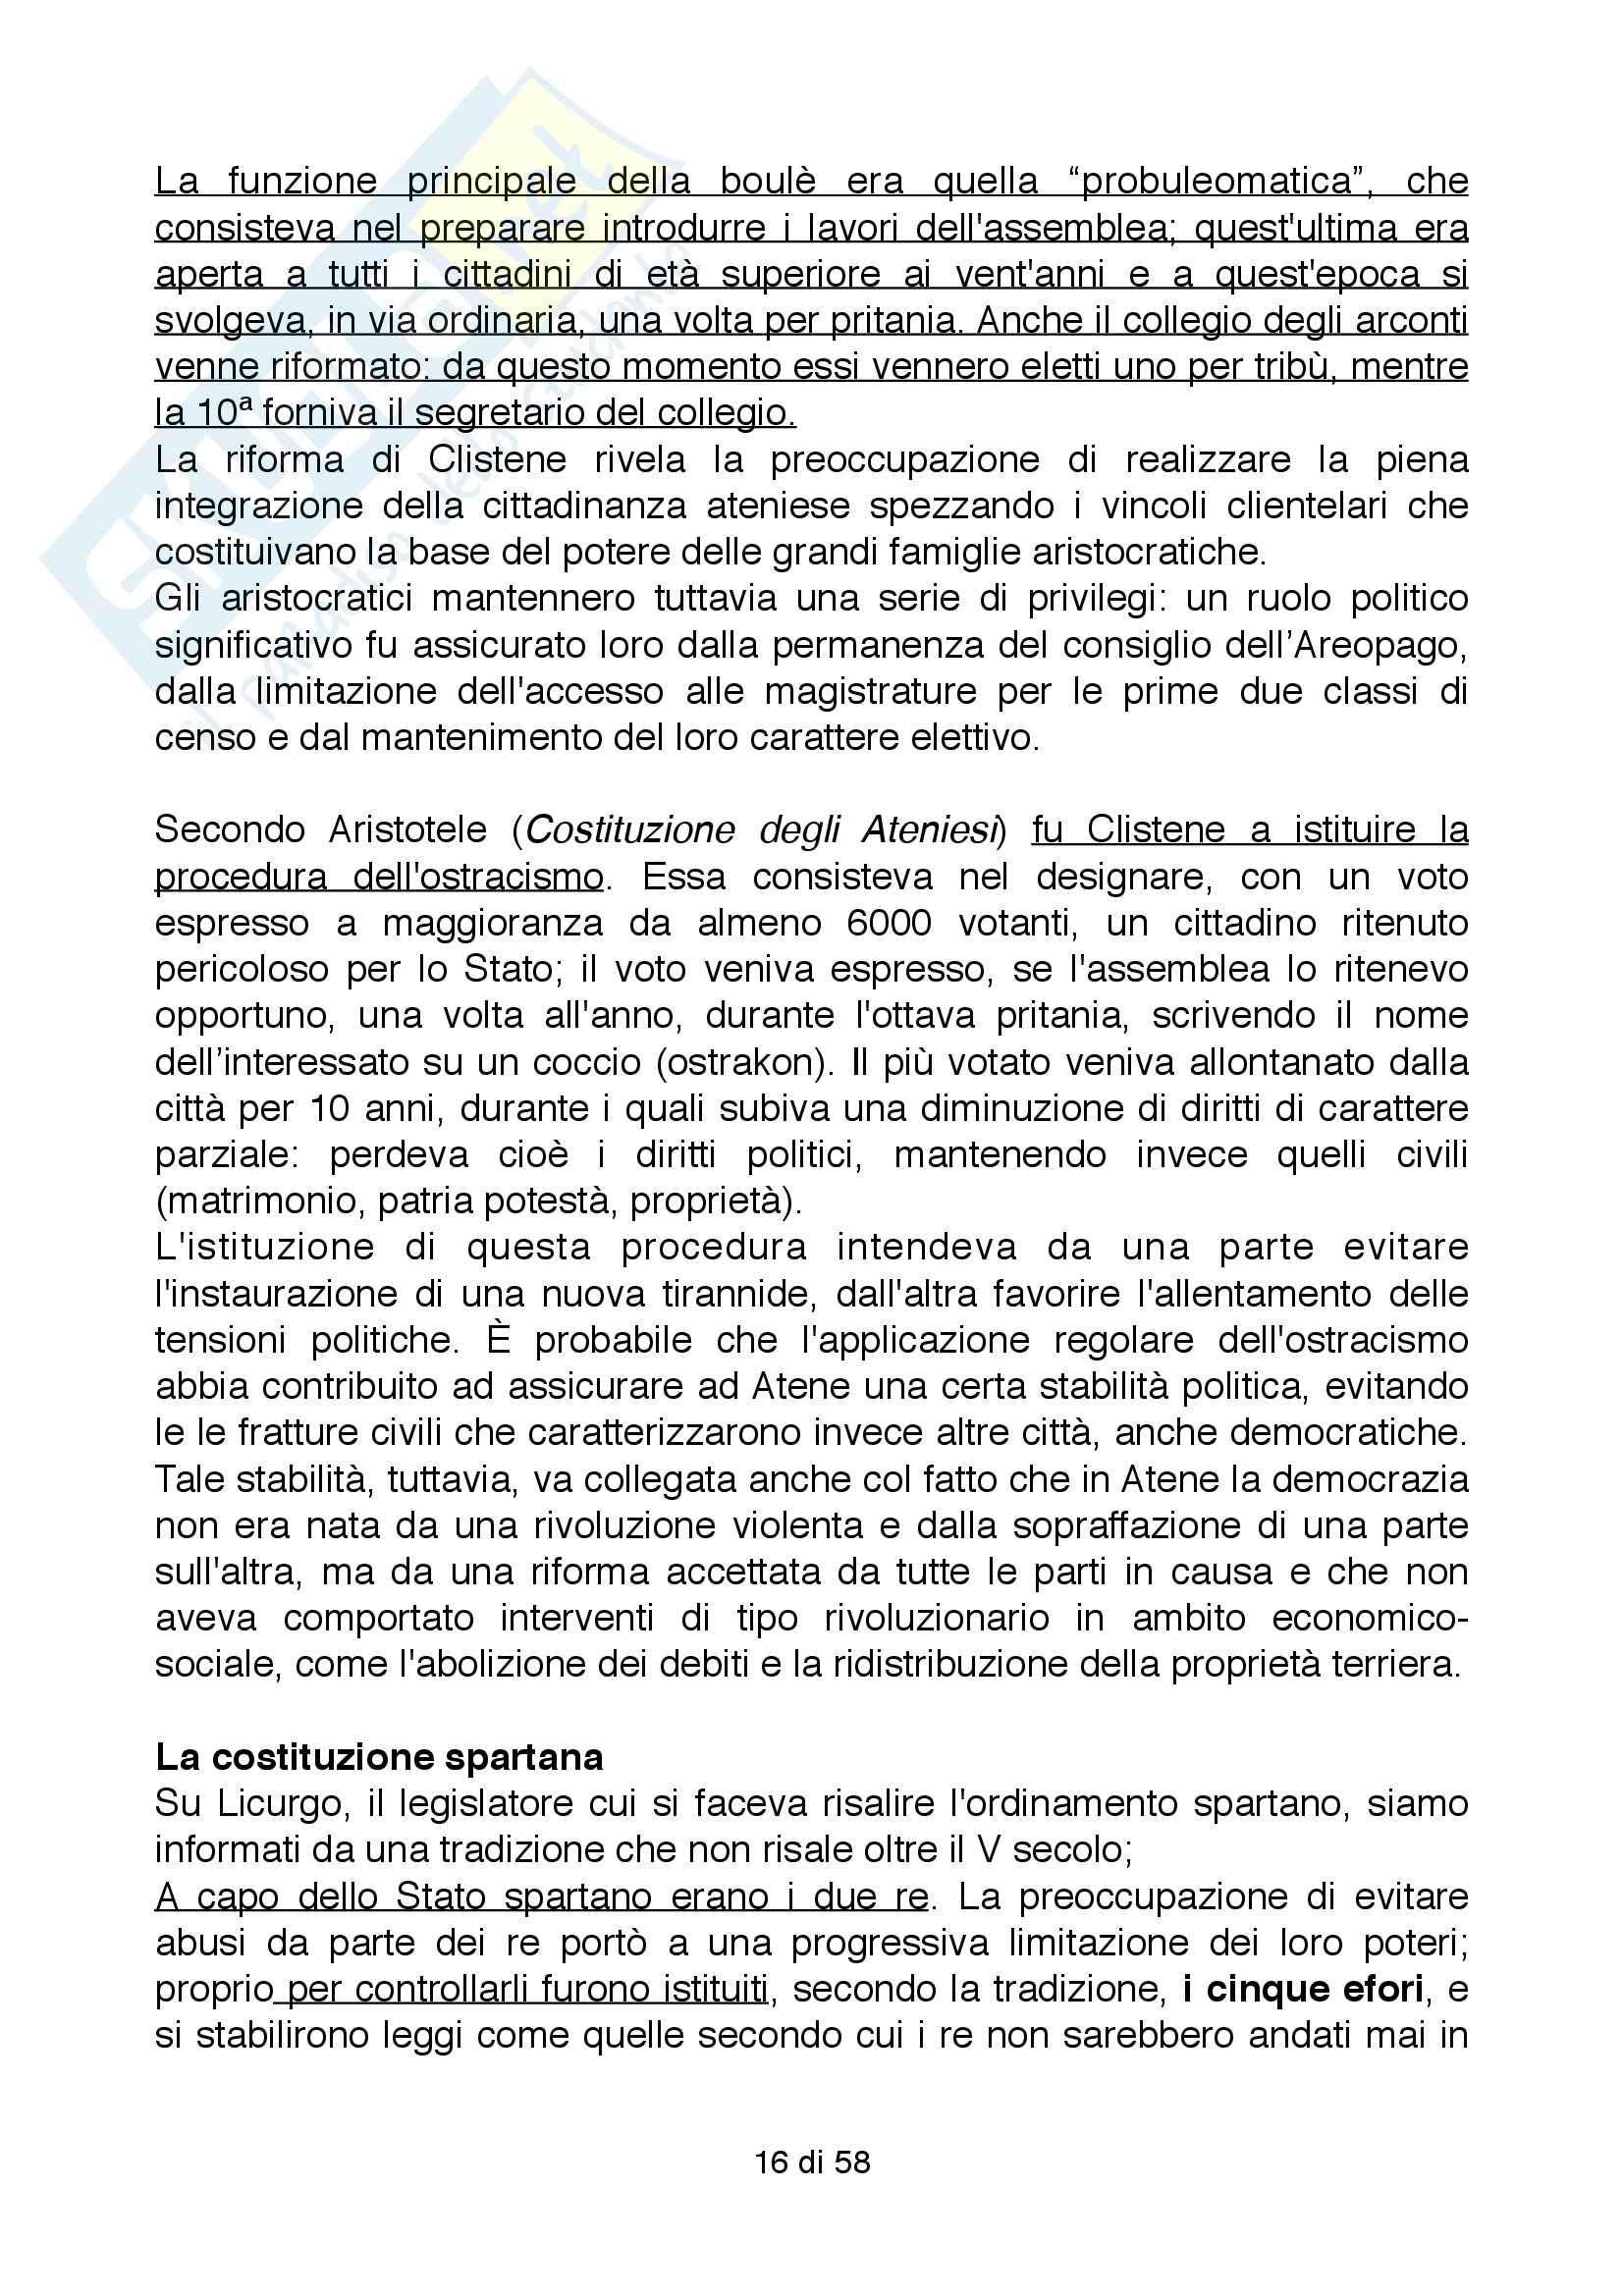 Riassunto esame Storia Greca, Docente Bianchetti Serena, Unversità degli Studi di Firenze Pag. 16